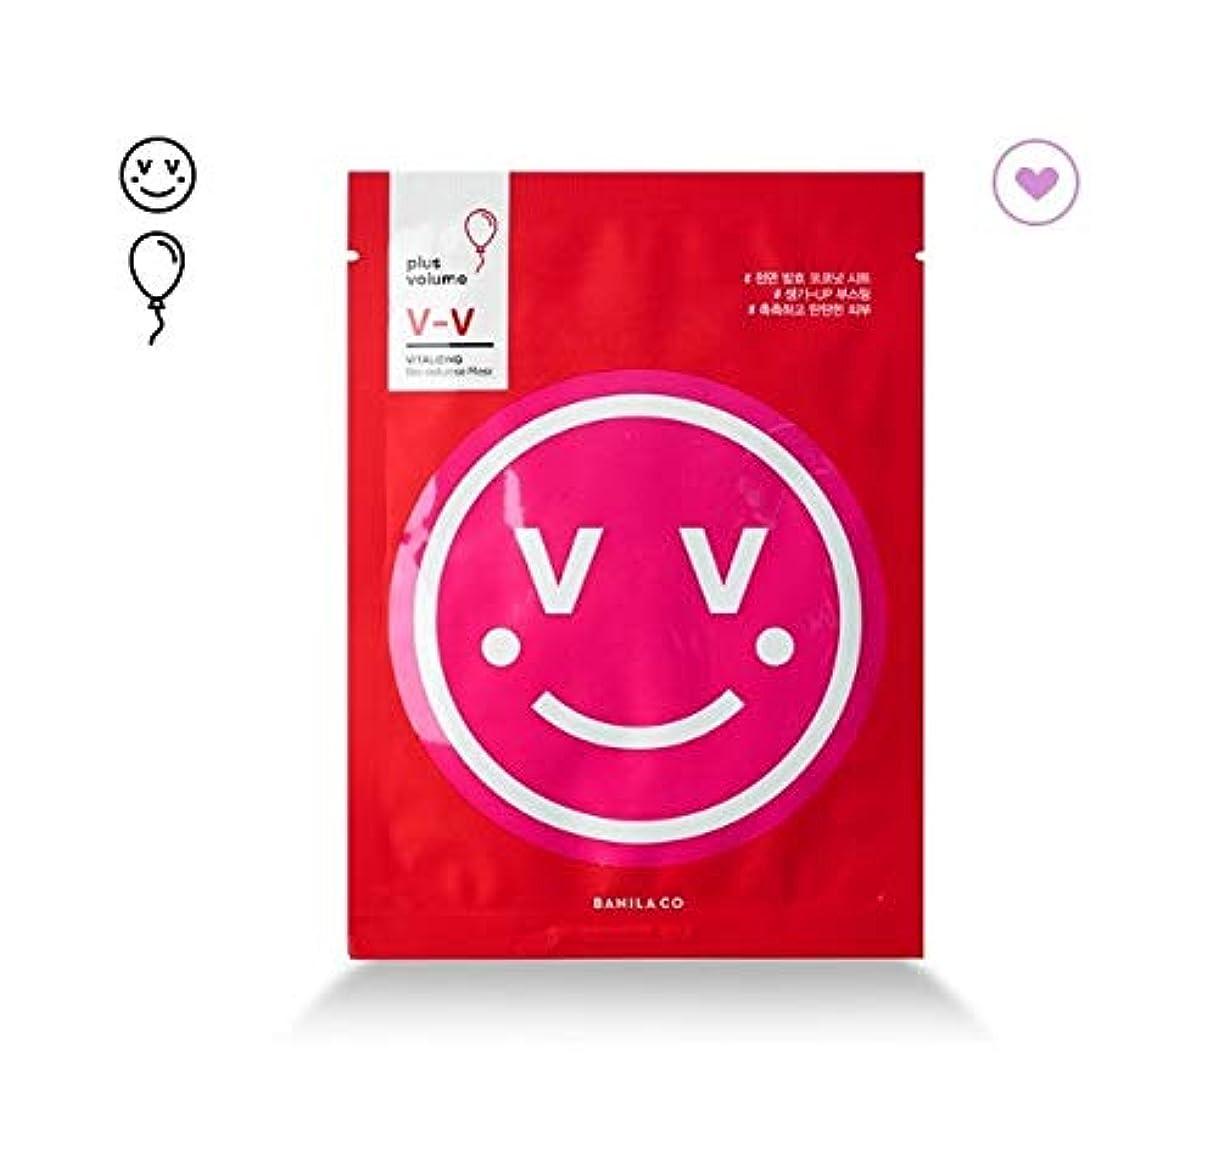 ほうきラフト極端なbanilaco V-V Vitalizing Bioセルロースマスク/V-V Vitalizing Bio Cellulose Mask 25ml [並行輸入品]